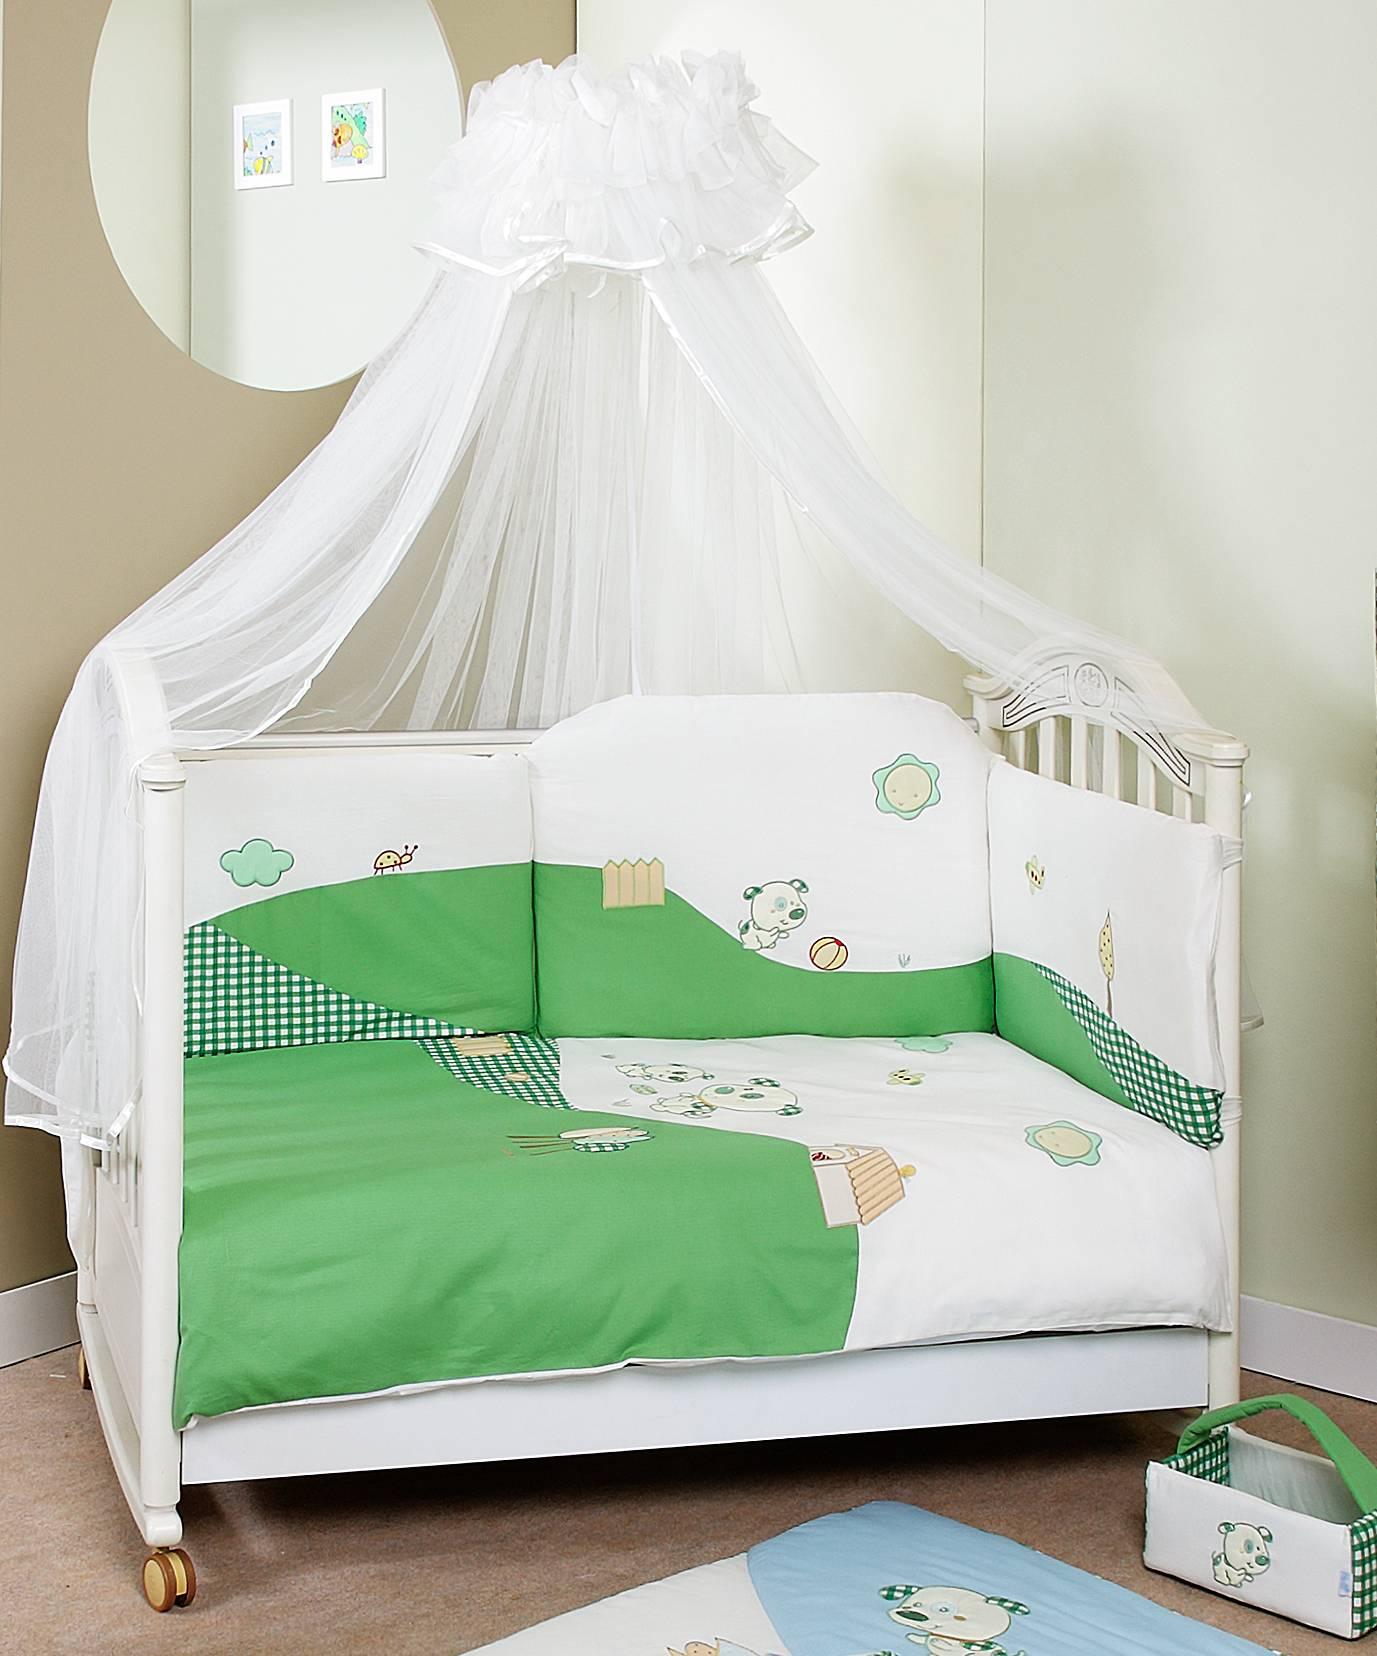 Комплект постельного белья Dogs лонг, 6 предметов, зеленыйДетское постельное белье<br>Комплект постельного белья Dogs лонг, 6 предметов, зеленый<br>